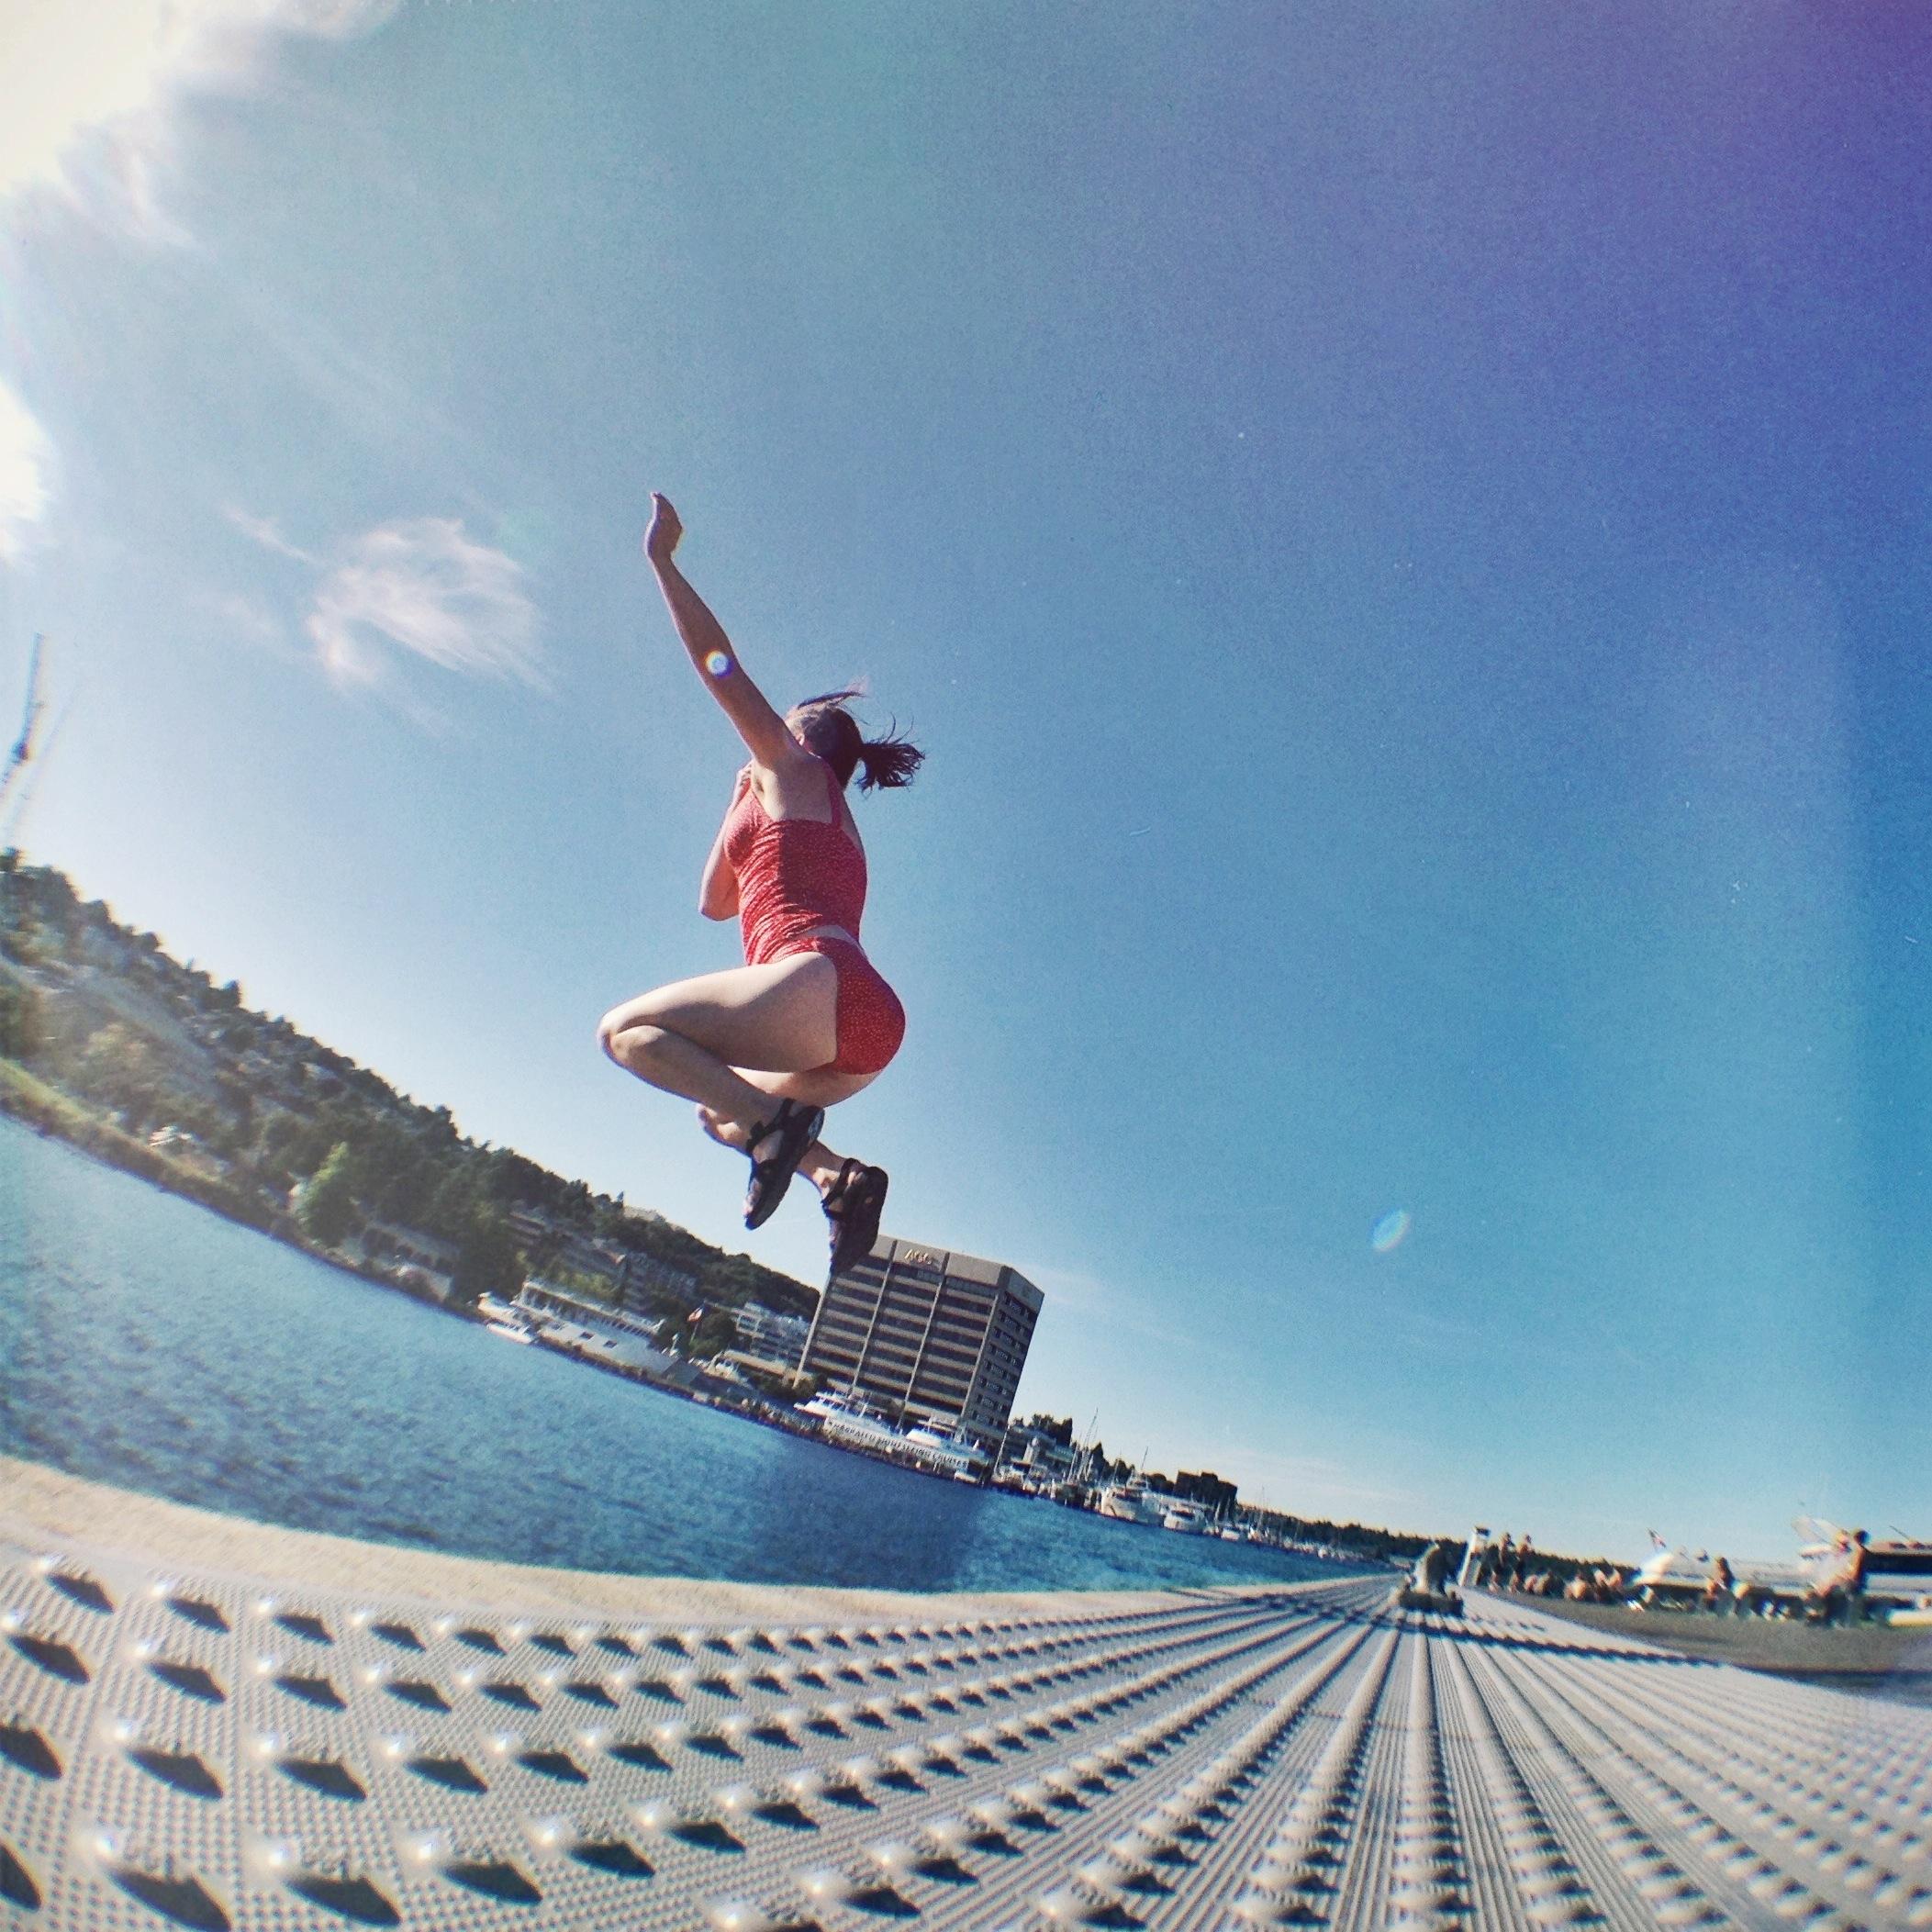 maria_jumping